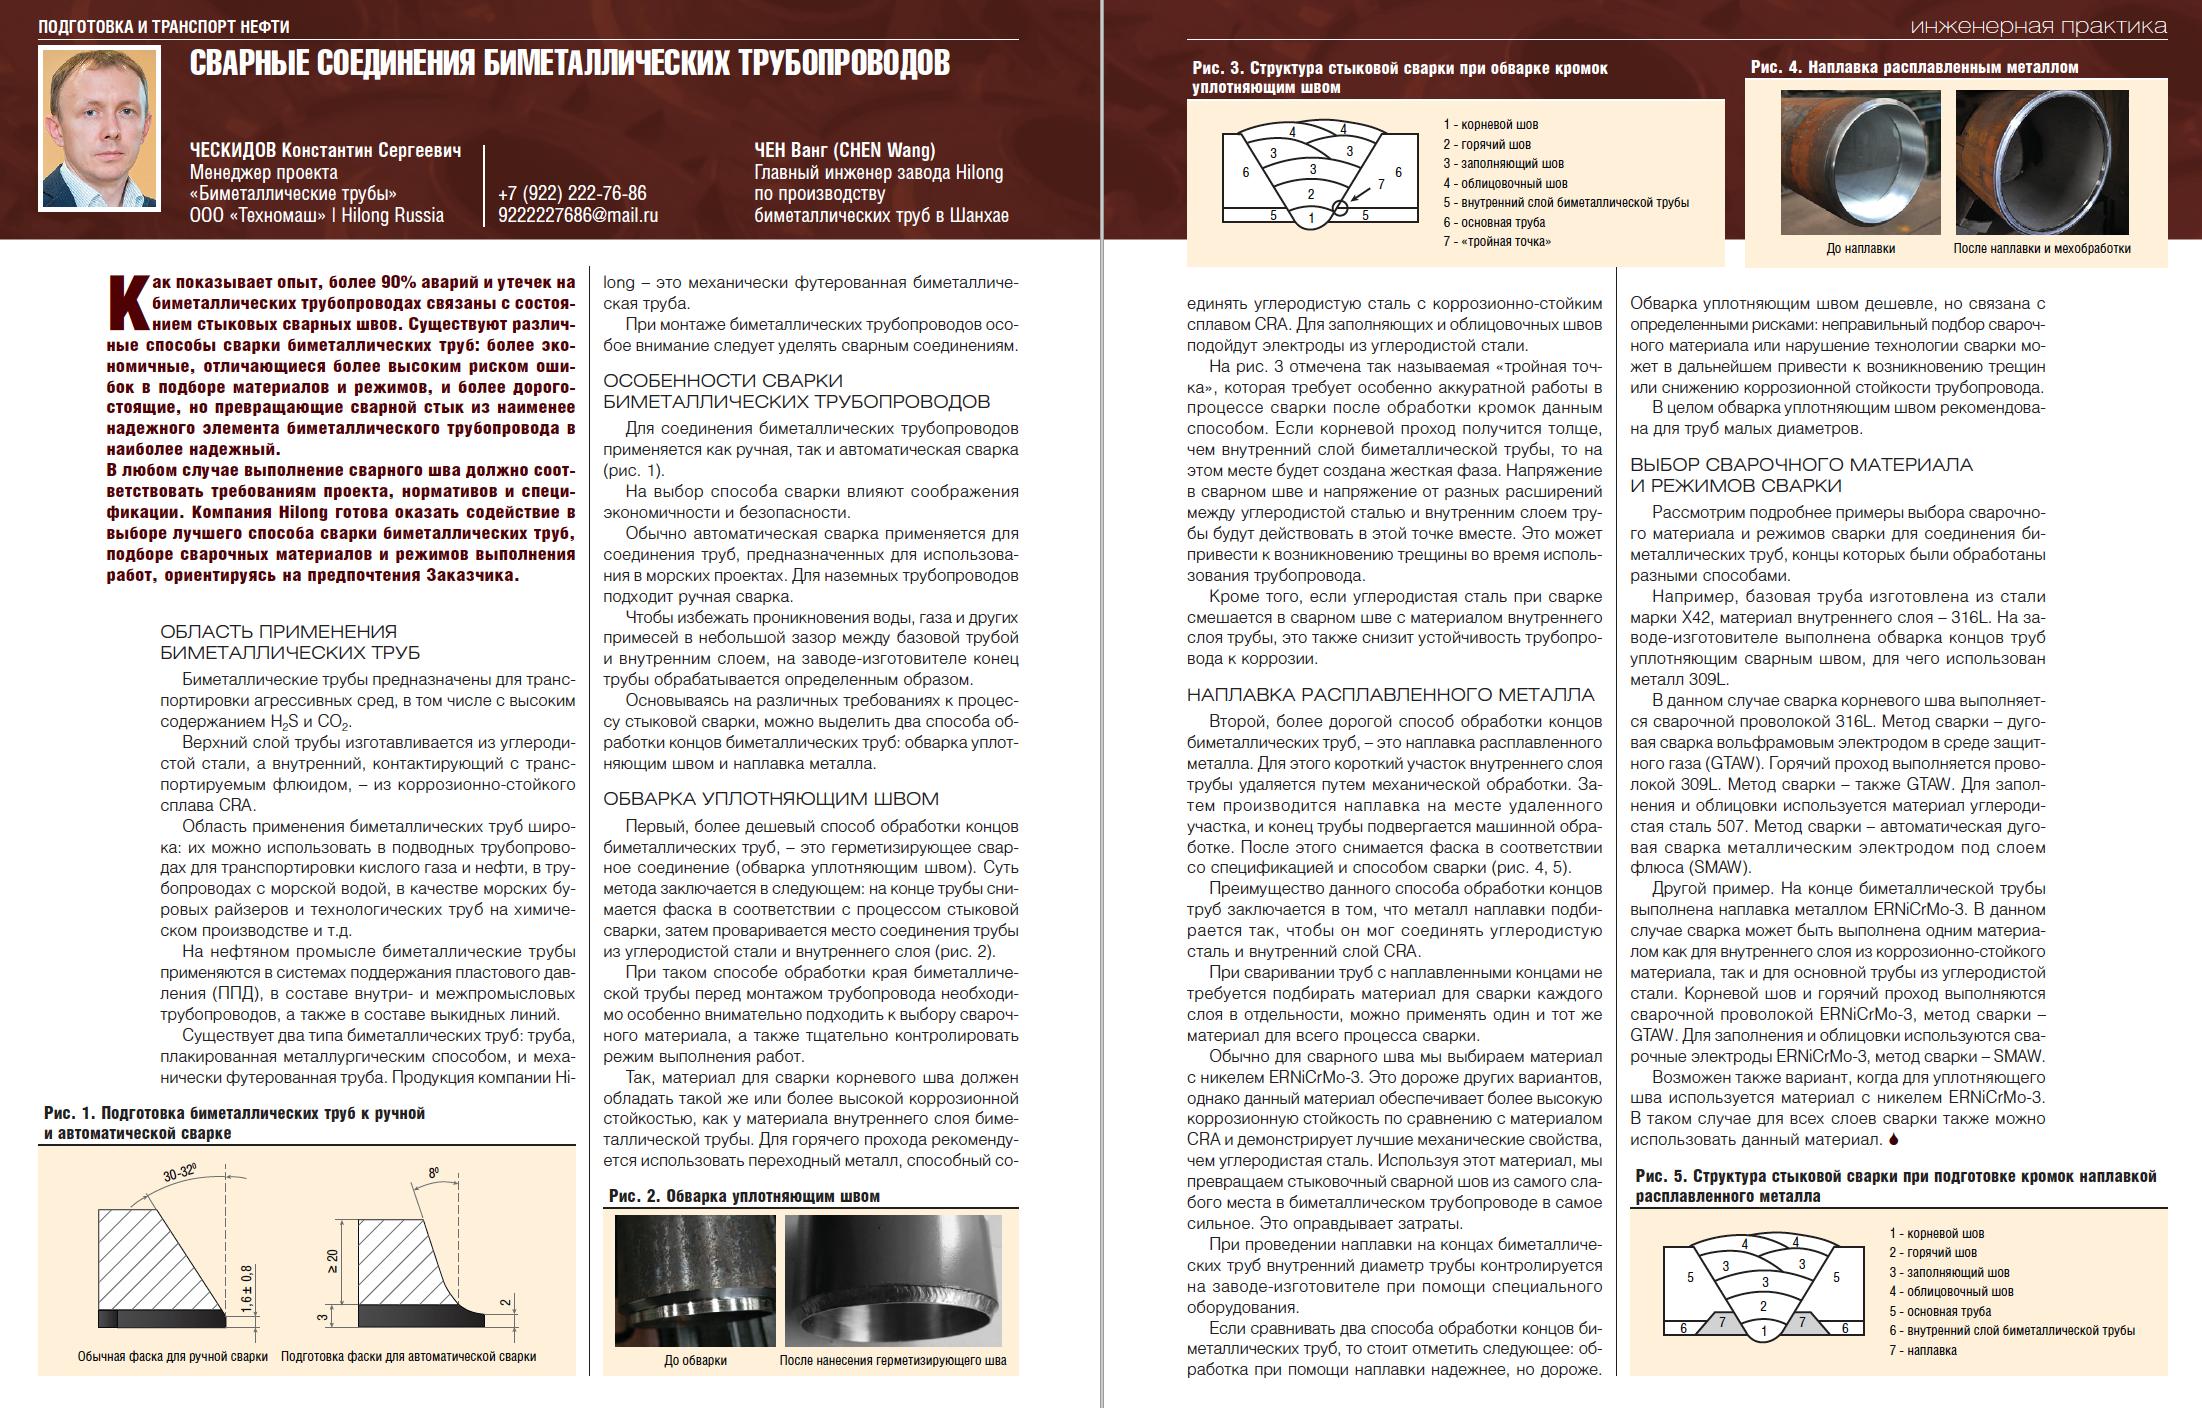 34601 Сварные соединения биметаллических трубопроводов